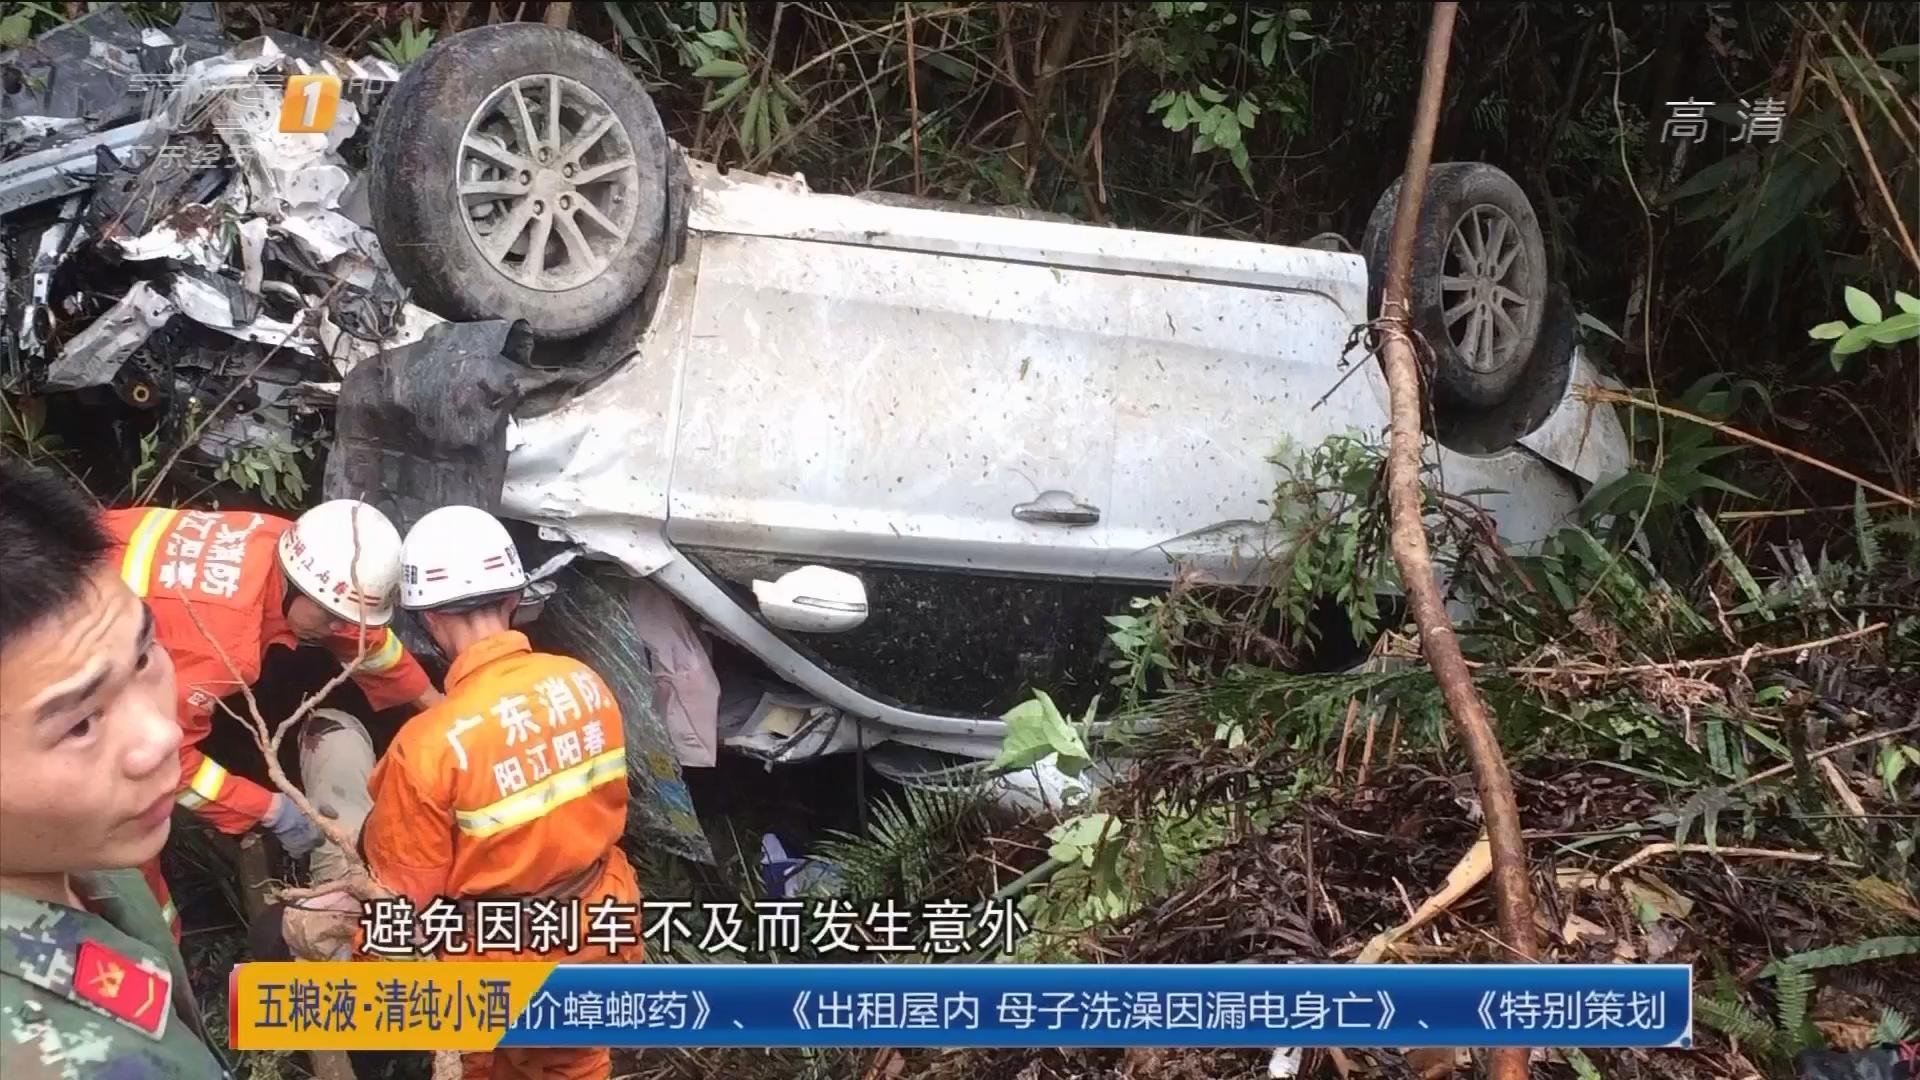 阳江阳春:轿车坠崖 消防凿出救援通道!